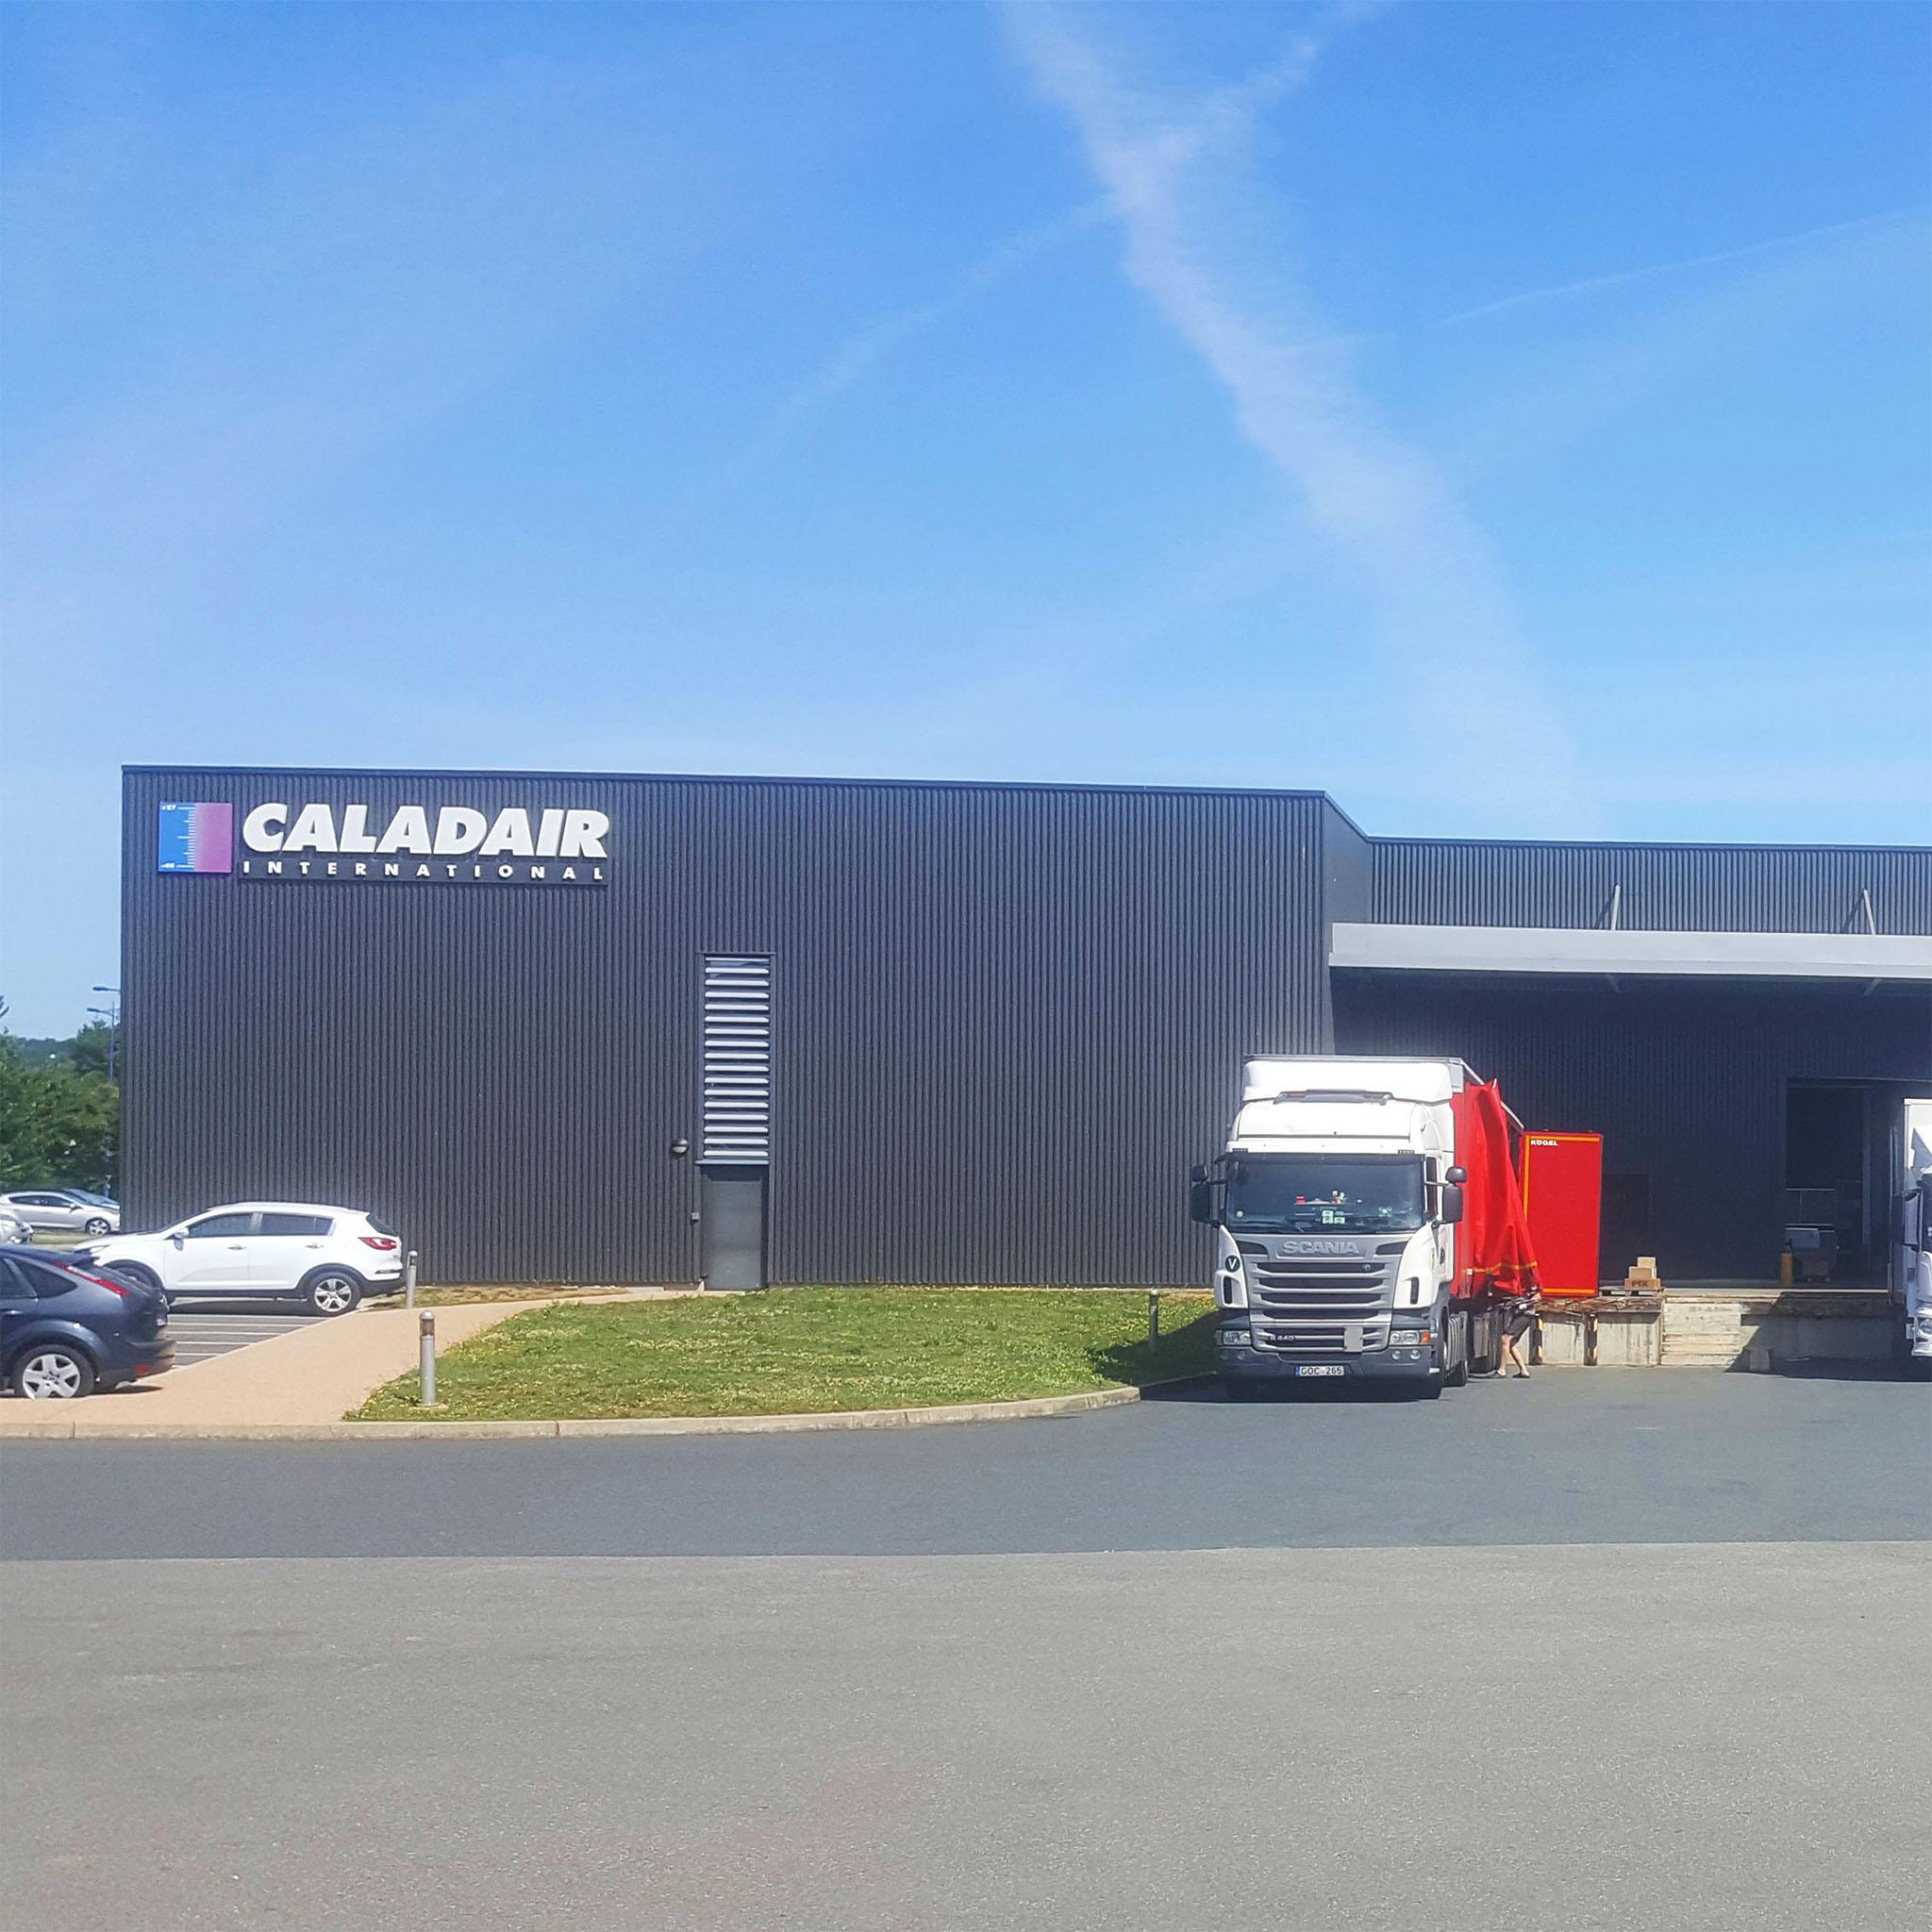 caladair factory front